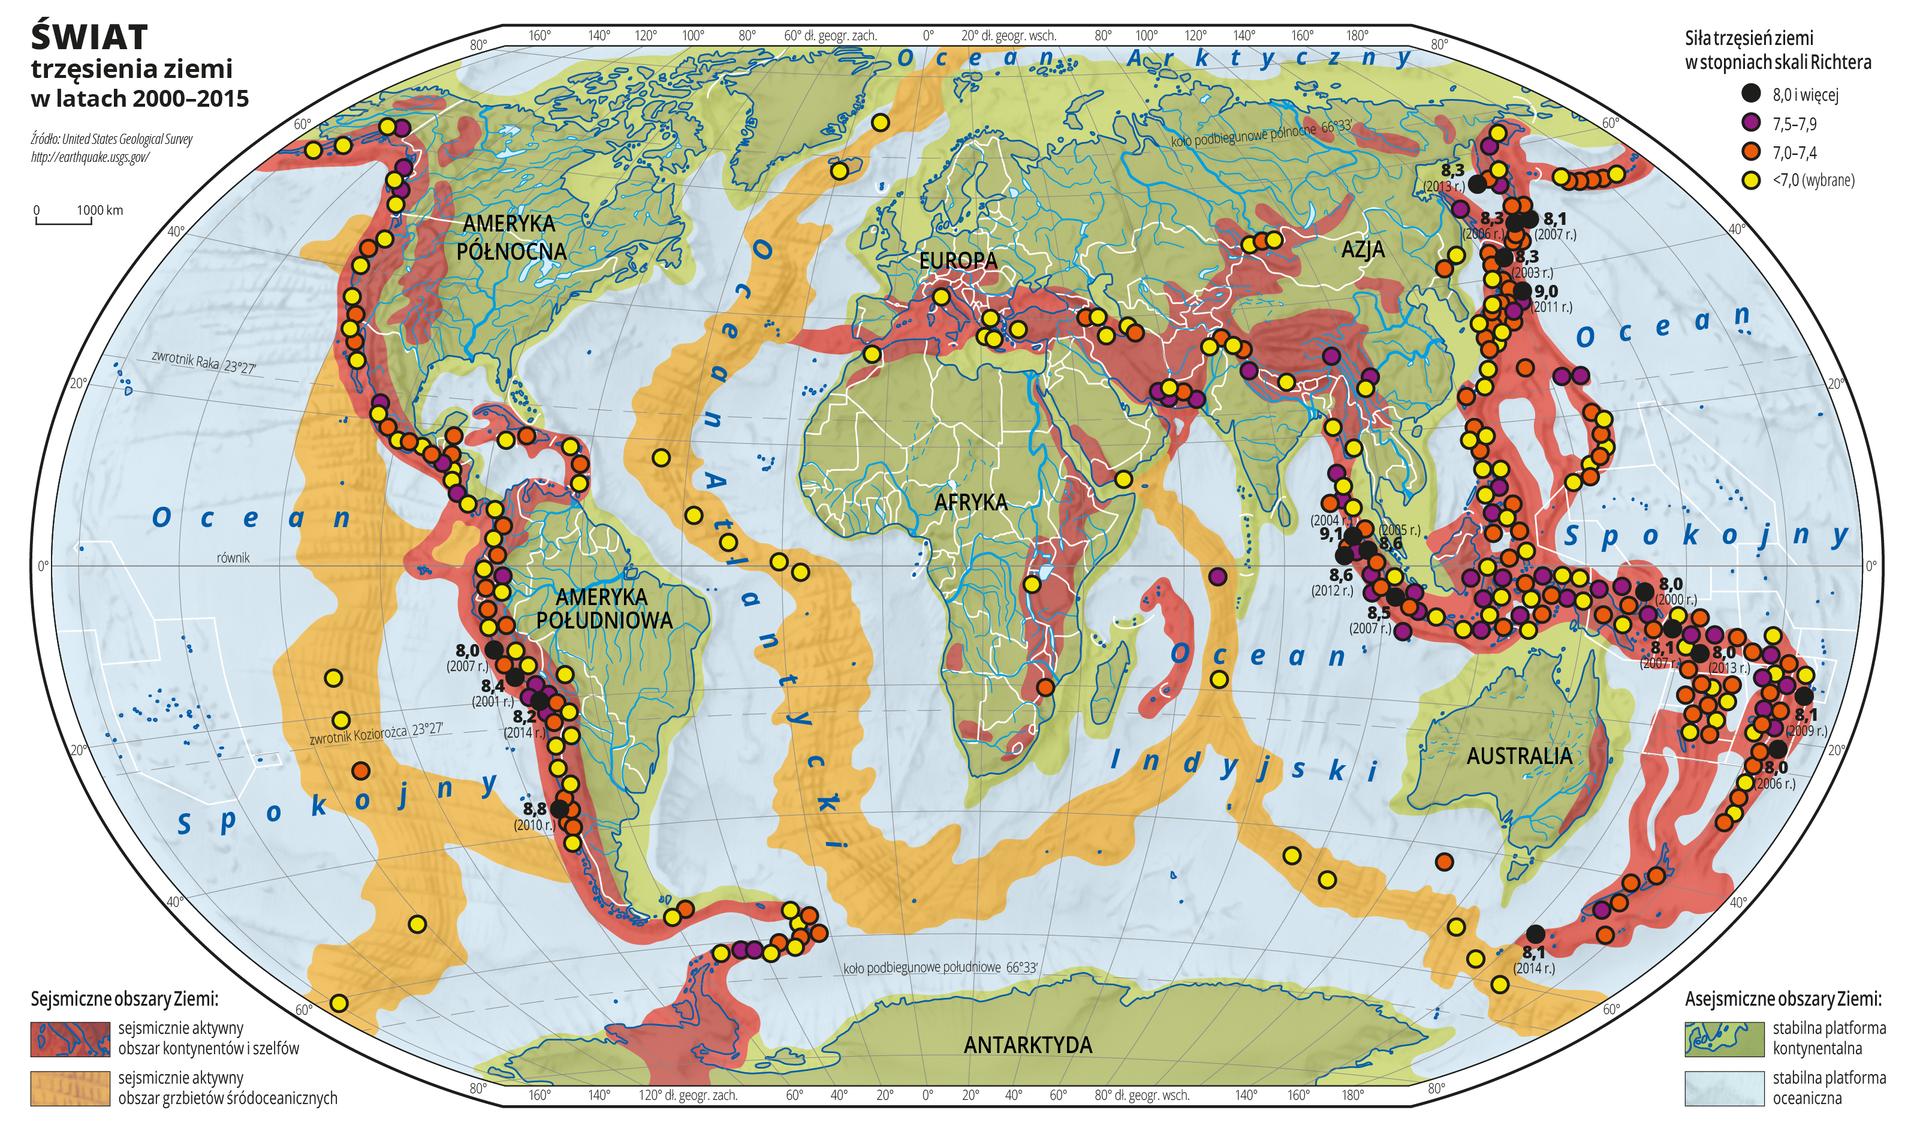 Ilustracja przedstawia mapę świata. Opisano kontynenty. Opisano oceany. Na mapie zaznaczono sejsmiczne obszary Ziemi: kolorem czerwonym – sejsmicznie aktywny obszar kontynentów iszelfów, kolorem pomarańczowym – sejsmicznie aktywny obszar grzbietów śródoceanicznych oraz asejsmiczne obszary Ziemi: kolorem zielonym stabilną platformę kontynentalną, kolorem niebieskim – stabilną platformę oceaniczną. Na mapie kolorowymi punktami zaznaczono trzęsienia ziemi wlatach od dwa tysiące do dwa tysiące piętnaście. Na mapie przeważa kolor zielony wobrębie lądów iniebieski wobrębie mórz. Przez środek każdego zoceanów przebiega pomarańczowy pas oznaczający sejsmicznie aktywny obszar grzbietów śródoceanicznych. Wzdłuż zachodnich wybrzeży obu Ameryk, na południu Europy oraz wzdłuż wschodnich wybrzeży Azji ina wyspach Oceanu Spokojnego znajduje się oznaczony kolorem czerwonym sejsmicznie aktywny obszar kontynentów iszelfów. Wjego obrębie umieszczono kolorowe (żółte, pomarańczowe, fioletowe iczarne) punkty obrazujące siłę trzęsień ziemi wstopniach skali Richtera. Najwięcej jest punktów wkolorze żółtym. Punkty czarne na mapie opisano wartościami idatą wystąpienia trzęsienia ziemi. Maksymalna wartość wynosi dziewięć ijedna dziesiąta stopnia wskali Richtera imieści się wrejonie Archipelagu Malajskiego. Mapa pokryta jest równoleżnikami ipołudnikami. Dookoła mapy wbiałej ramce opisano współrzędne geograficzne co dwadzieścia stopni. Po obu stronach mapy na dole umieszczono kolorowe prostokąty zopisem sejsmicznych iasejsmicznych obszarów Ziemi. Po prawej stronie na górze mapy umieszczono kolorowe punkty zopisem siły trzęsień Ziemi wskali Richtera. Wydzielono cztery kategorie: punkty żółte – trzęsienia ziemi osile poniżej siedmiu stopni wskali Richtera, punkty pomarańczowe – trzęsienia ziemi osile od siedmiu do siedem icztery dziesiąte stopnia wskali Richtera, punkty fioletowe – trzęsienia ziemi osile od siedmiu ipół do siedem idziewięć dziesiątych stopnia wskali Richtera, punkty czarne – trzę